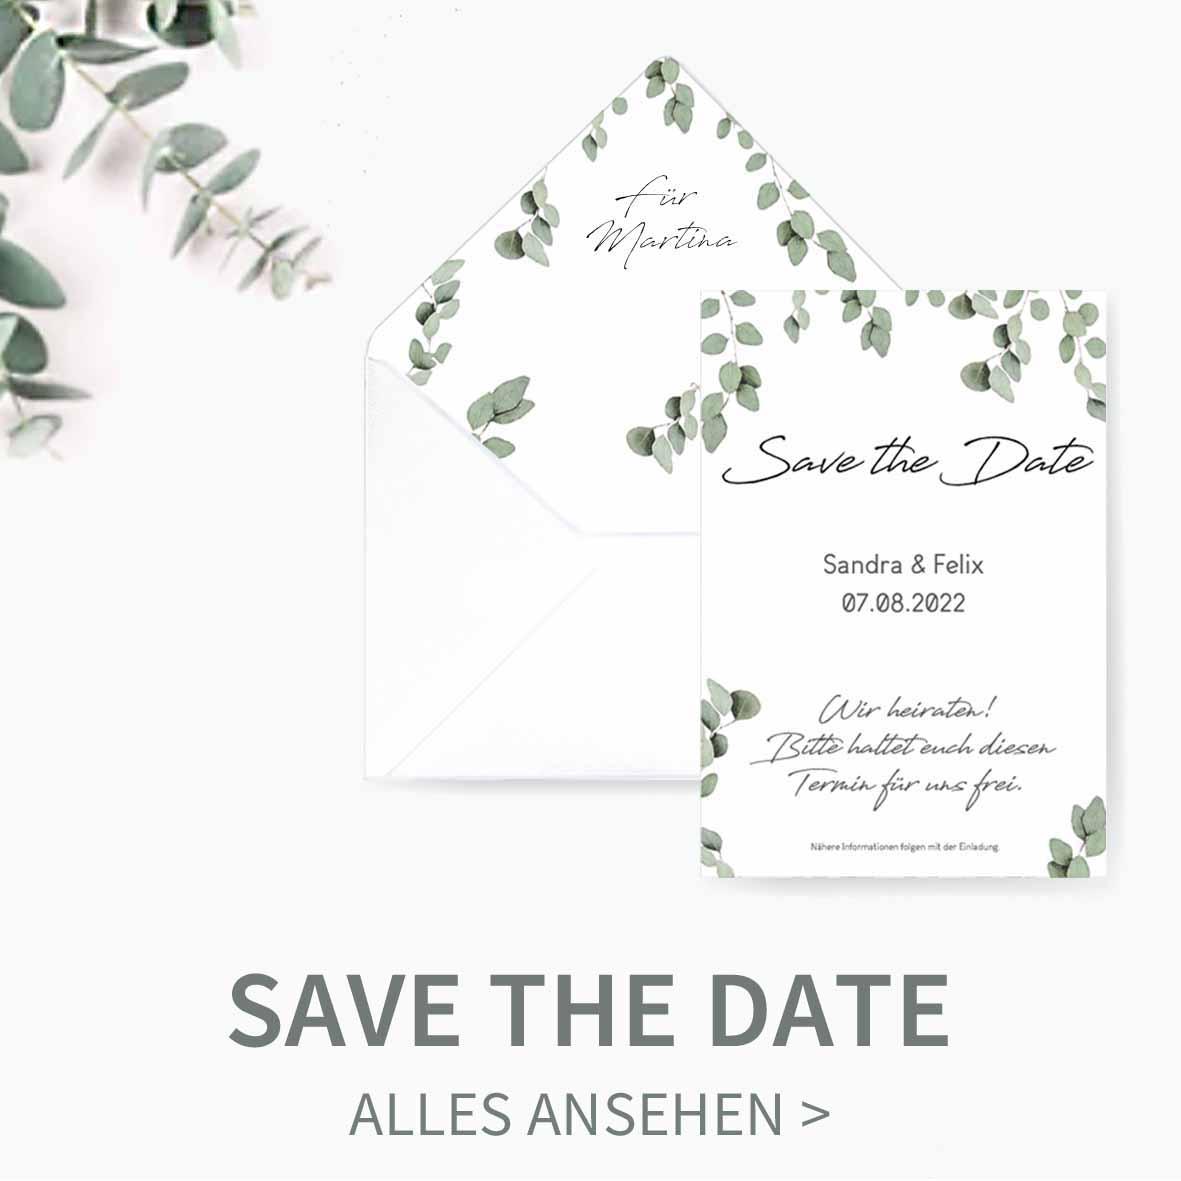 Druckvorlagen für selbst gemachte Save the Date Karten zur Hochzeit